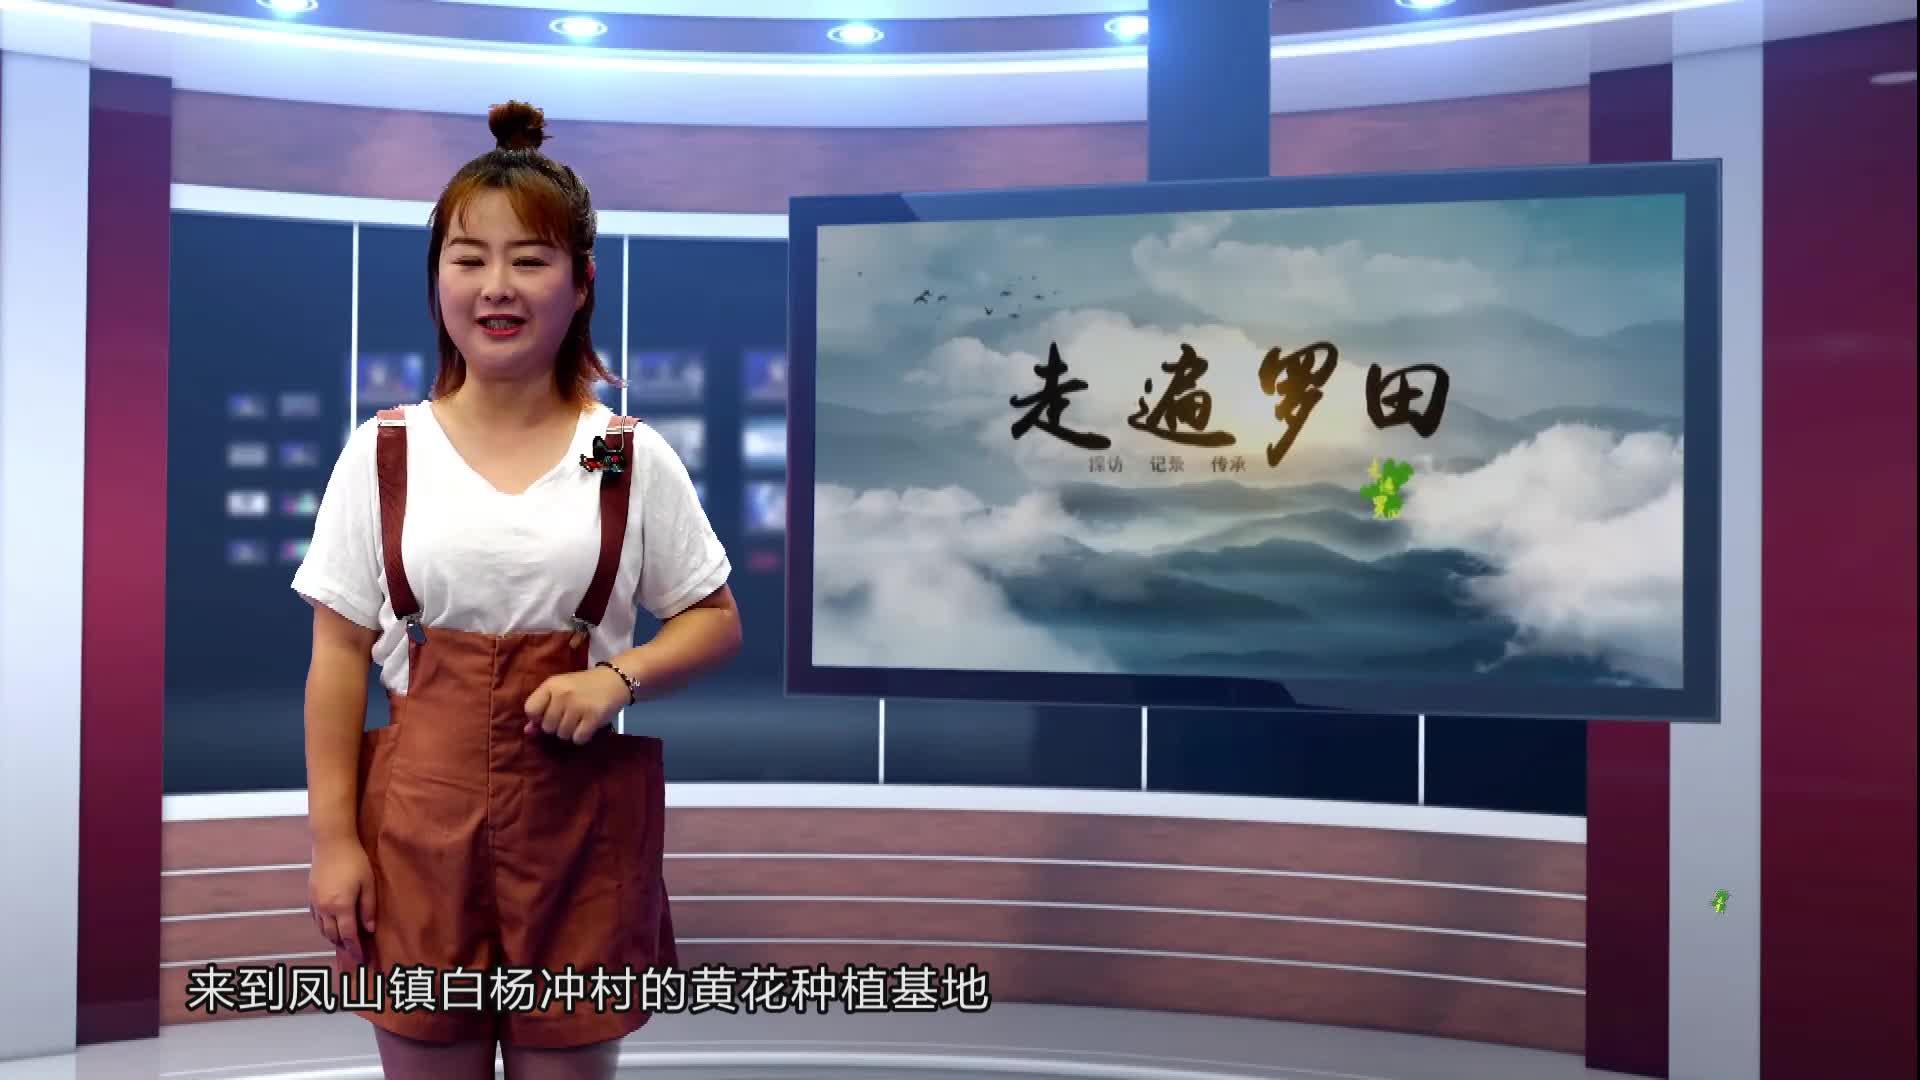 【走遍罗田】小黄花撬动大产业